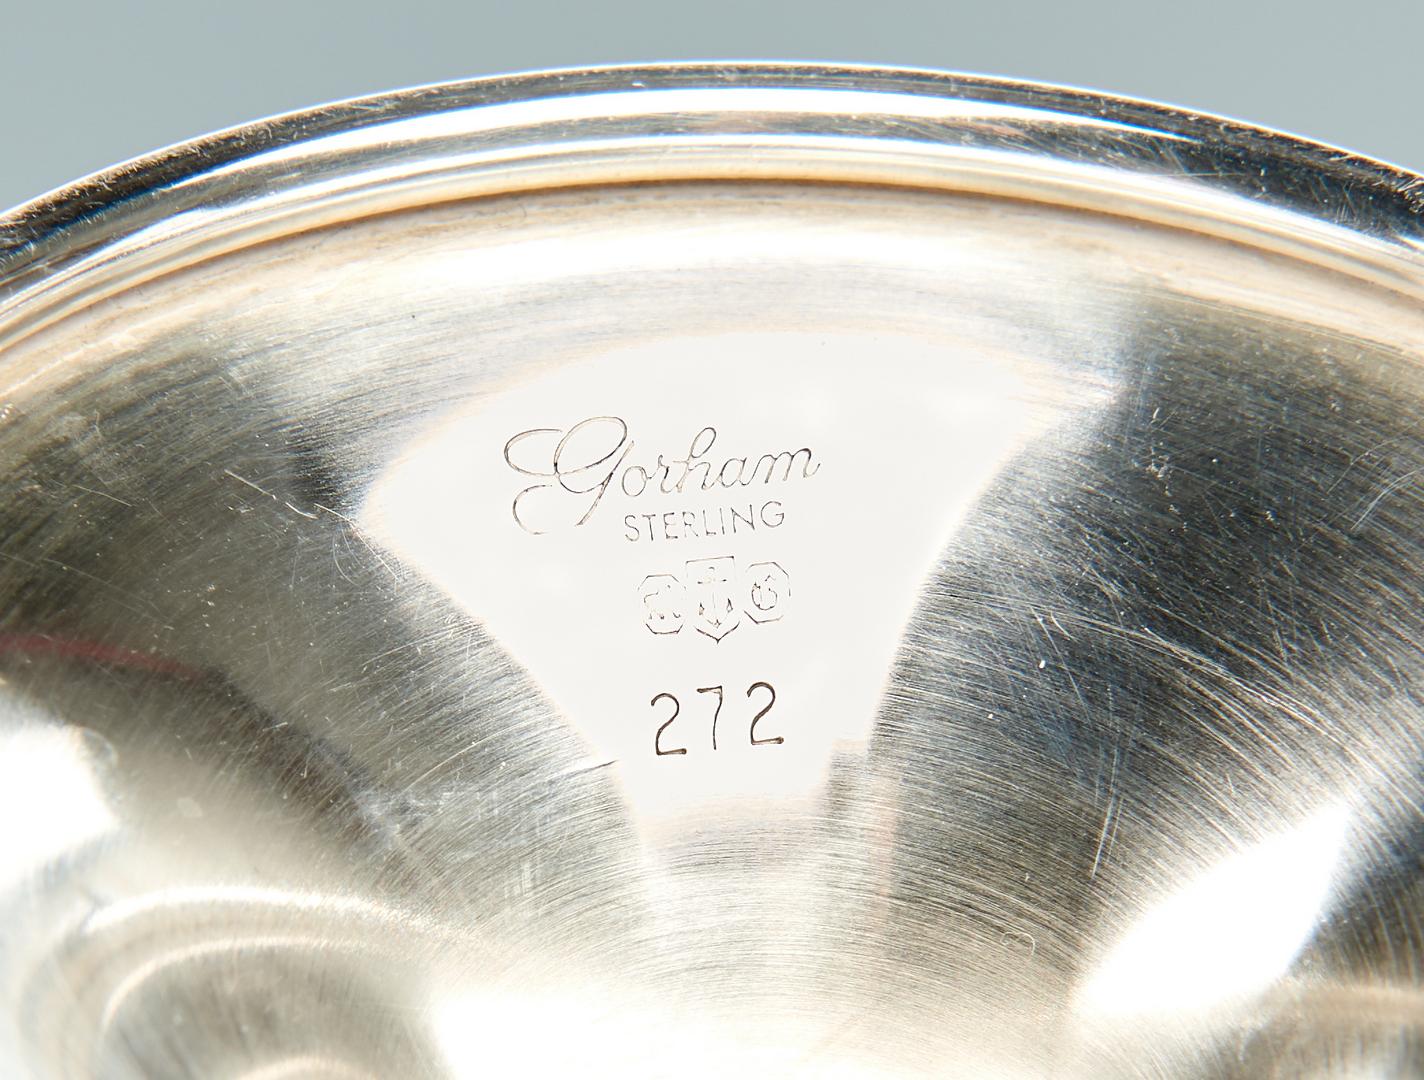 Lot 943: 6 Gorham Sterling Silver Goblets